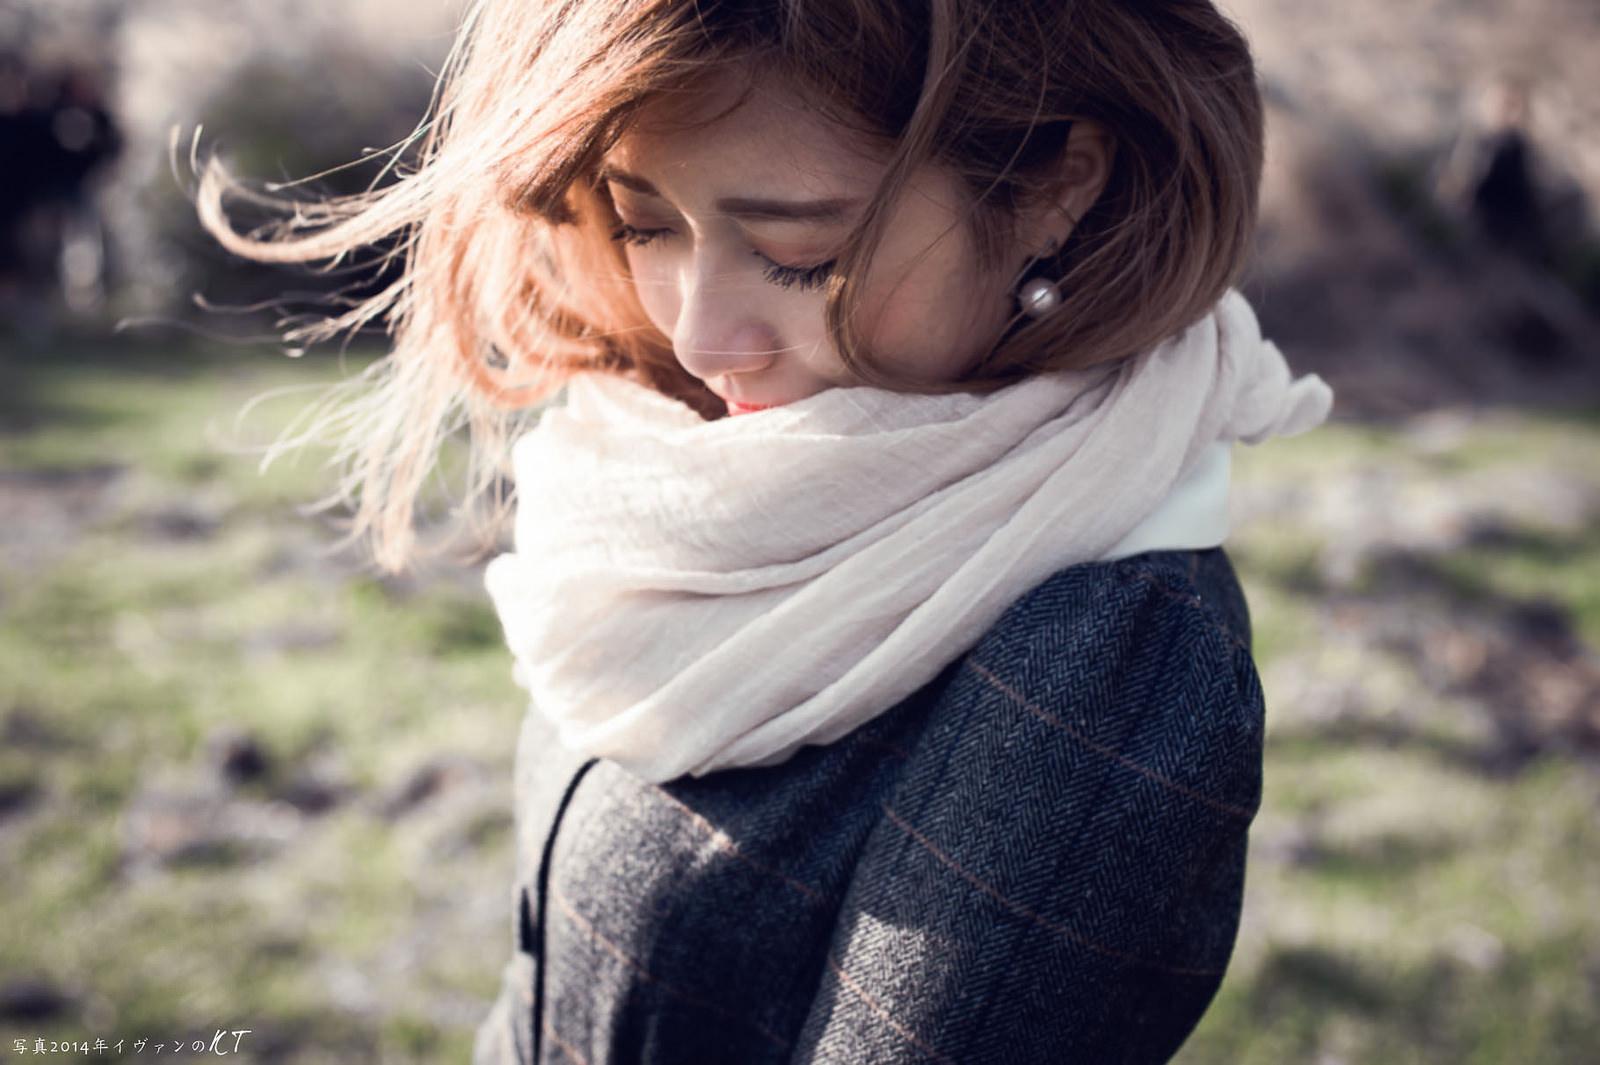 Gửi đàn bà có chồng vô tâm: Không thể từ bỏ thì phải tìm cách hạnh phúc sống cùng - Ảnh 3